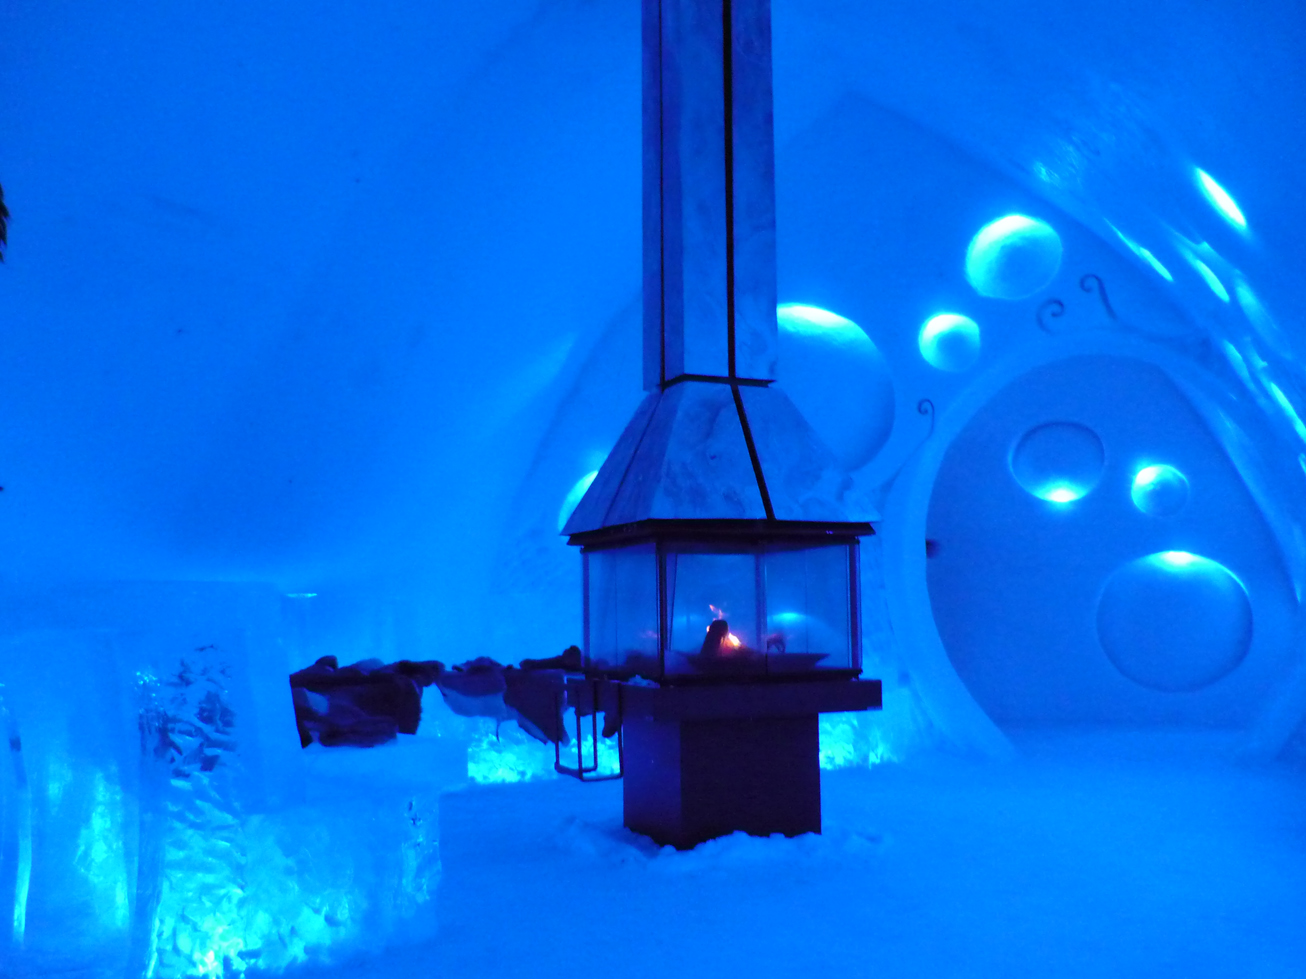 Lhtel de glace de Qubec  Ca commence par un Q a finit par un bec